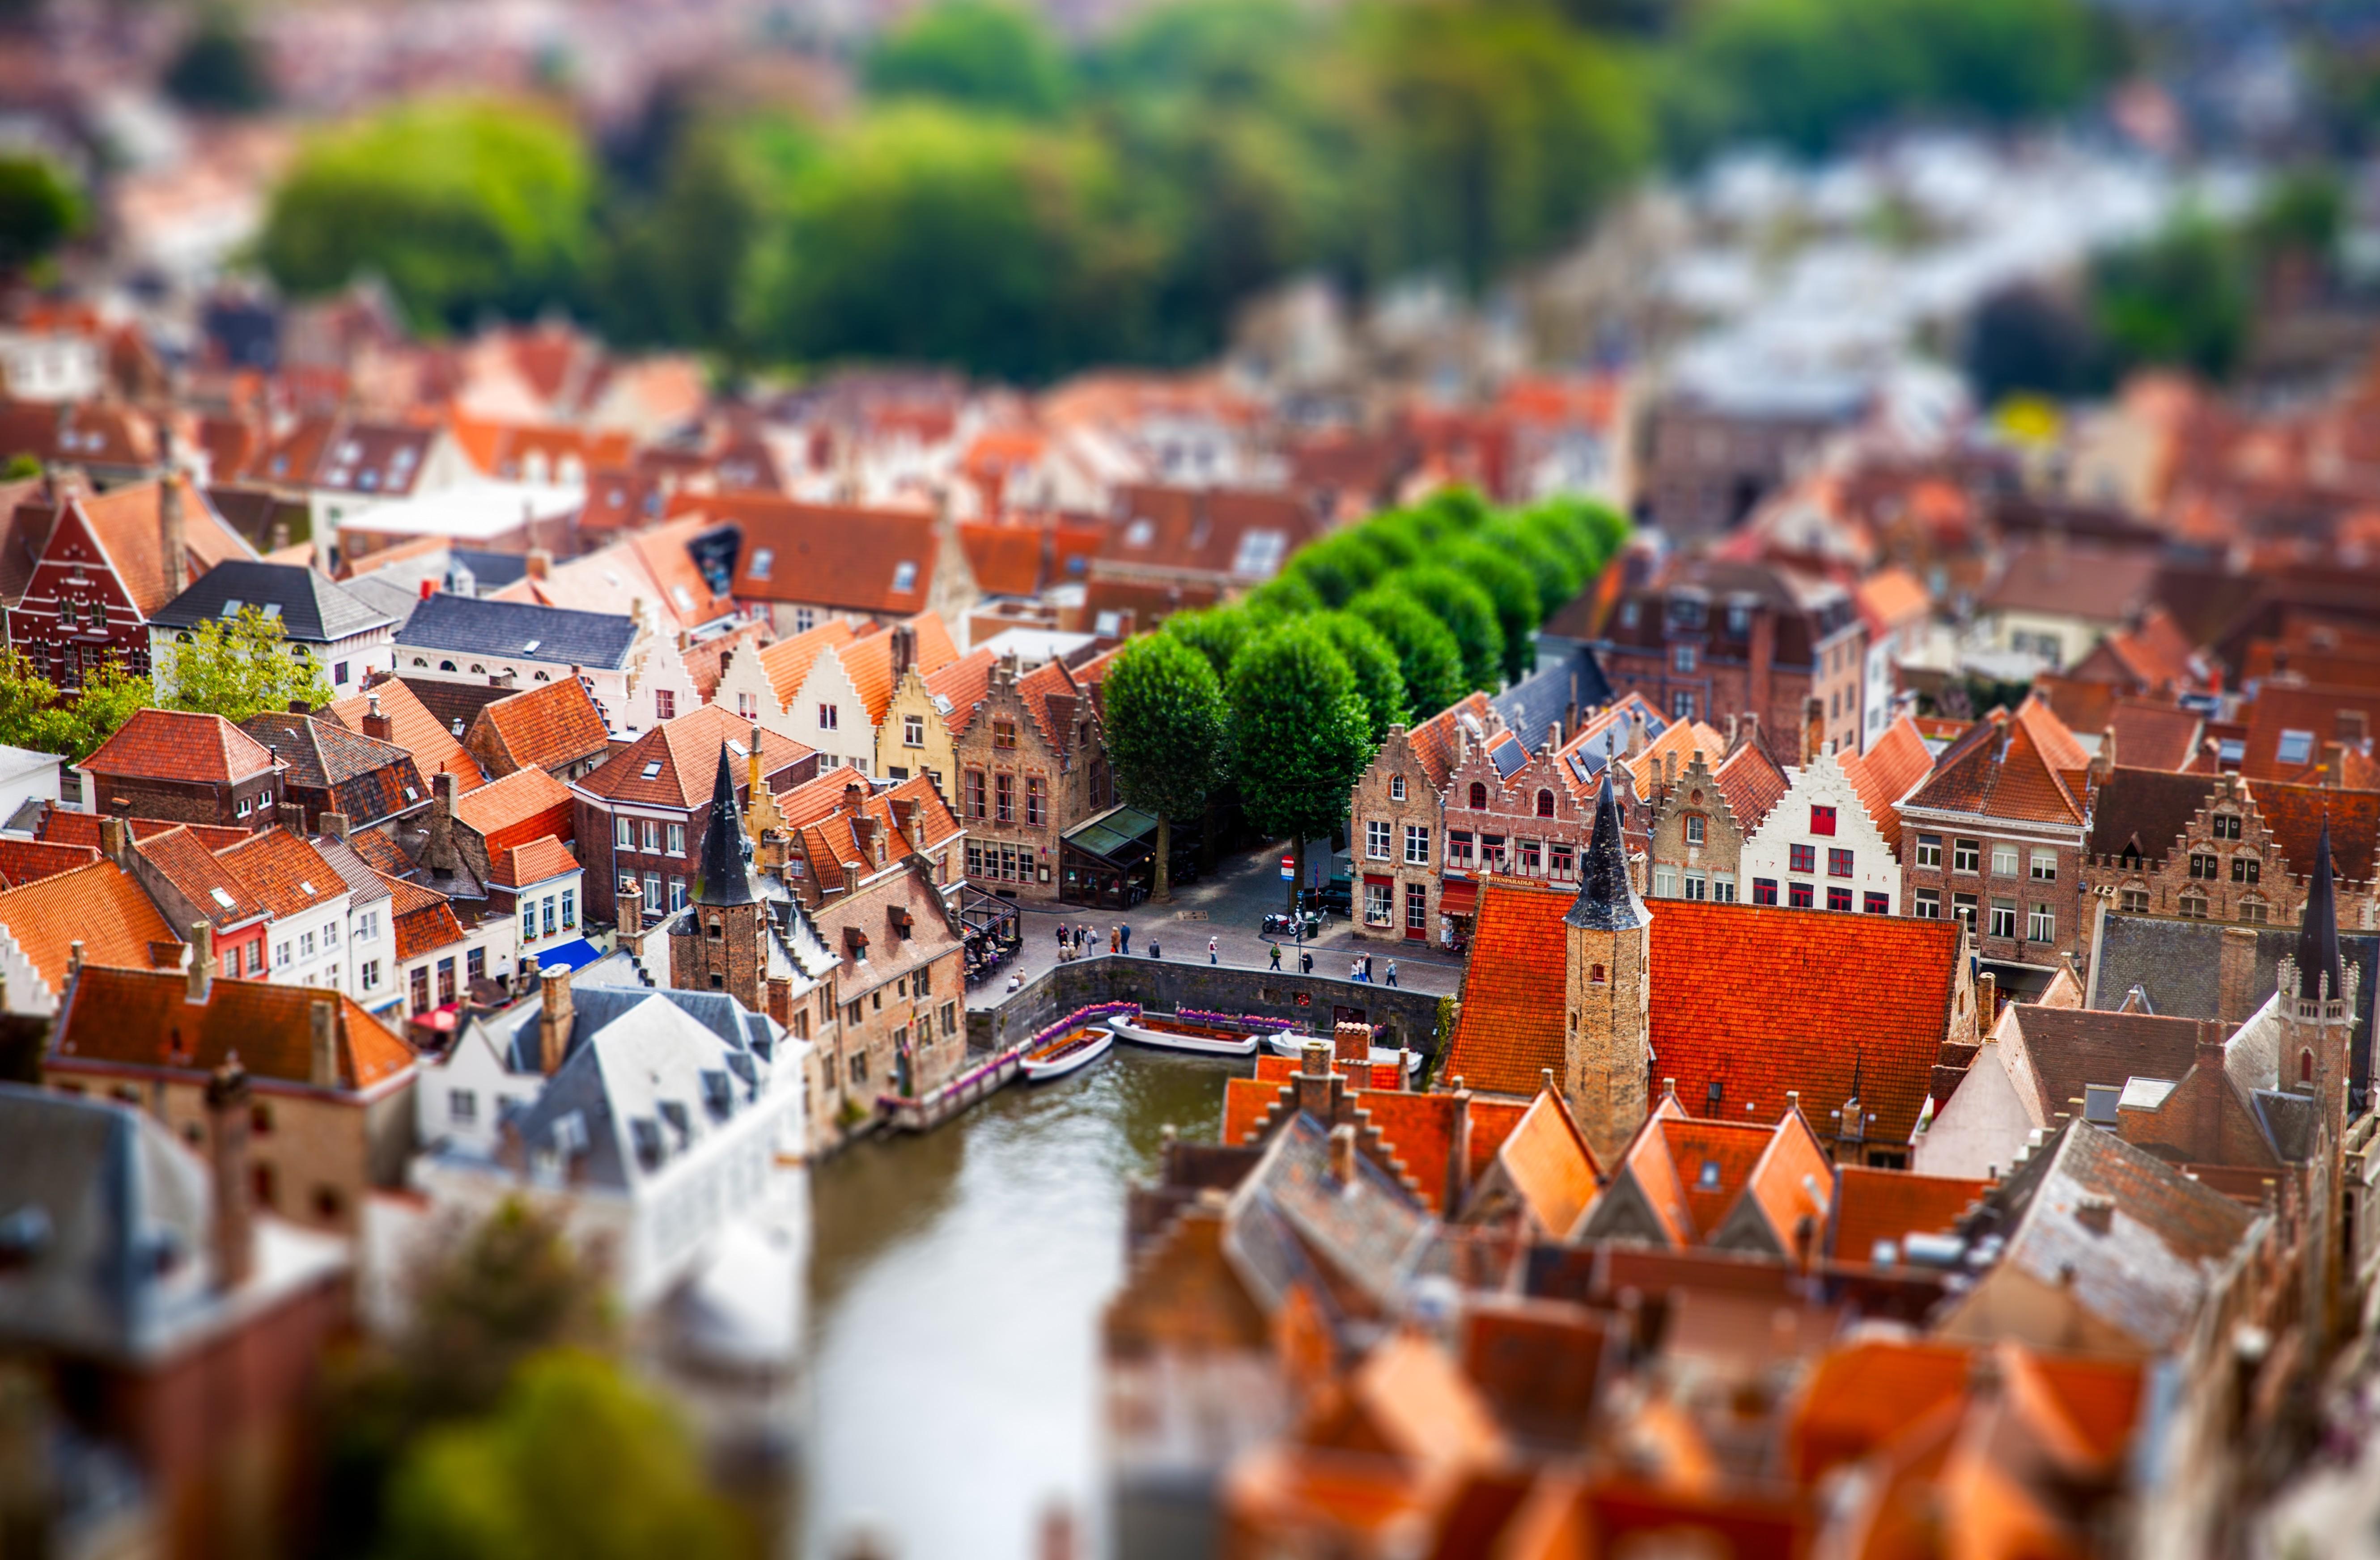 приписывают миниатюрные улицы и города фото это